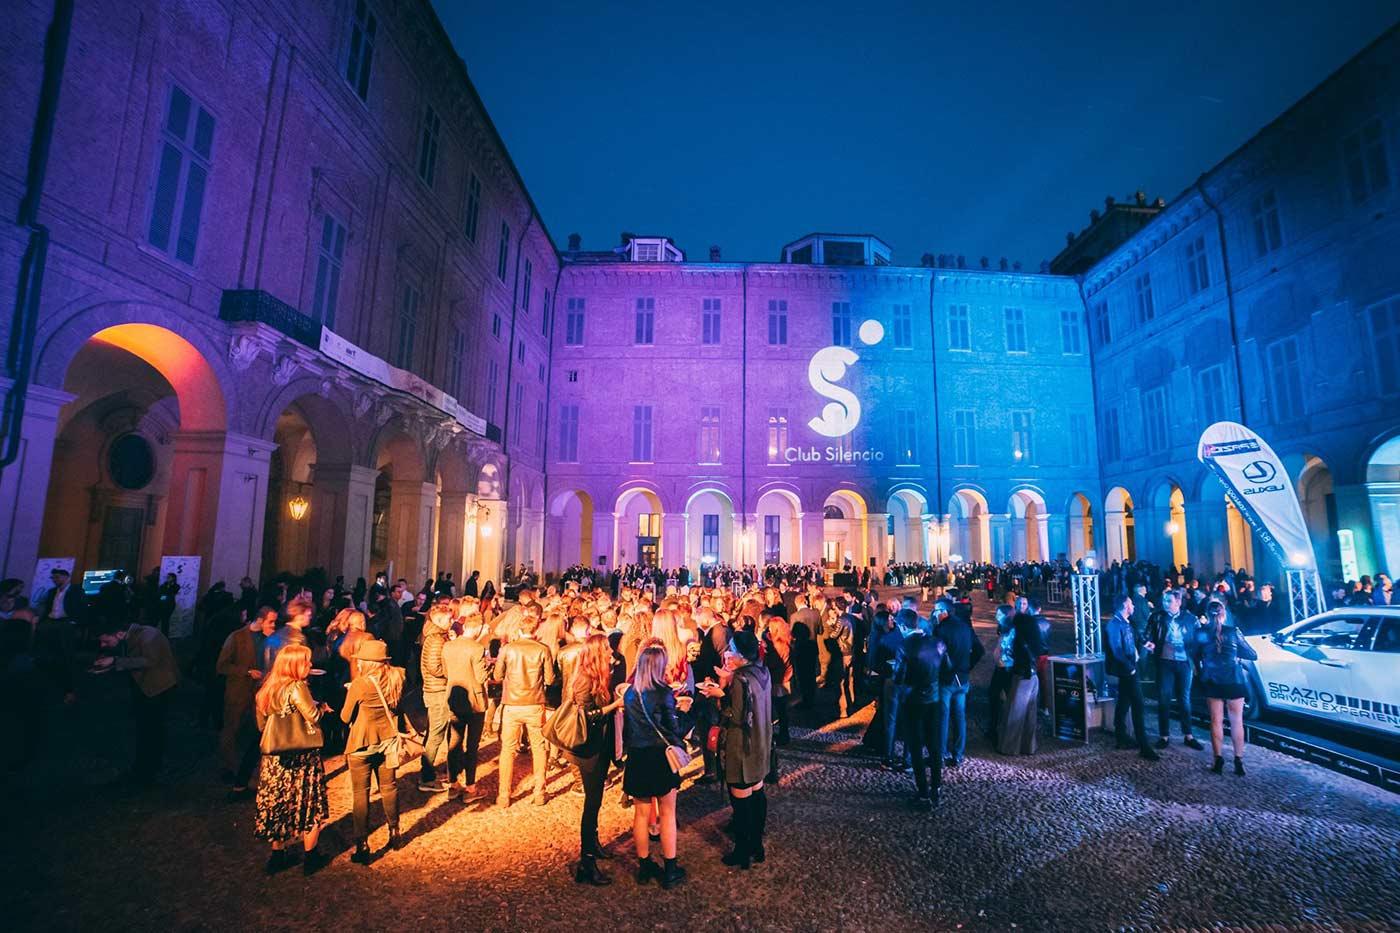 Una notte a Palazzo Reale